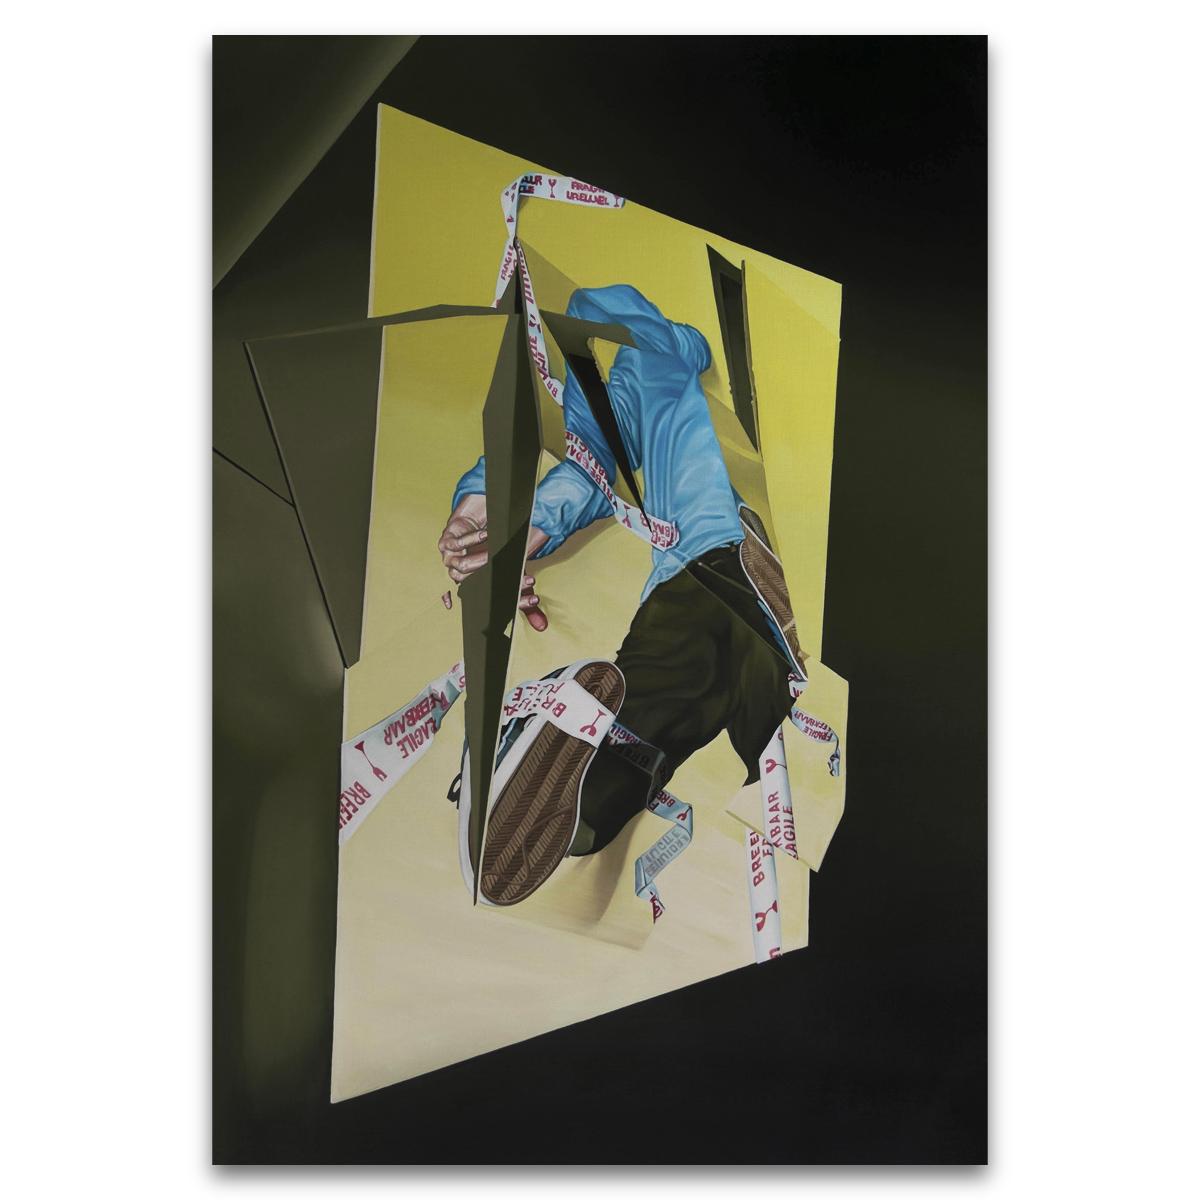 Sckaro-Handle-With-Care-Golden-Galerie